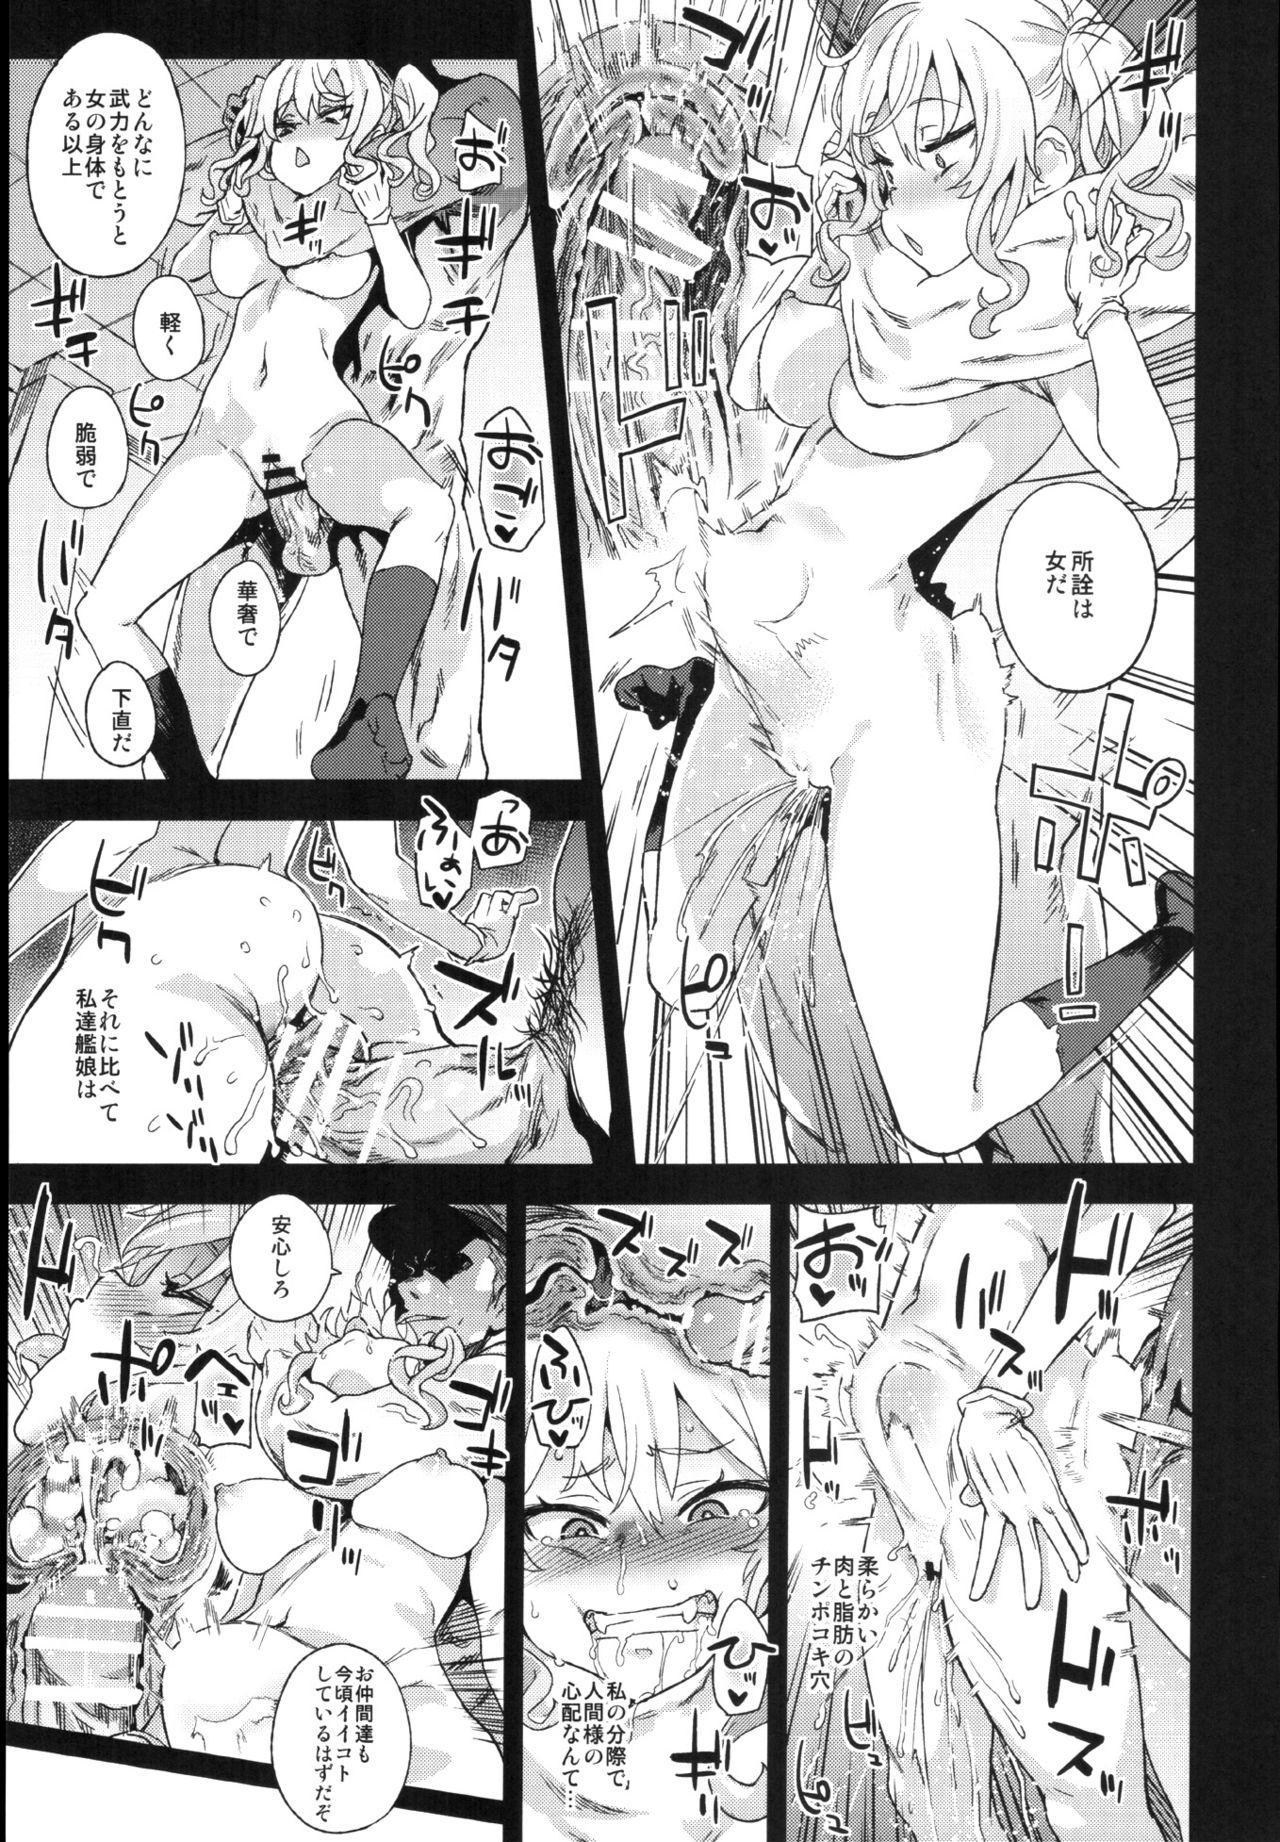 Victim Girls 22 Joou Kashima no Choukyou Nisshi + Gareki 24 25